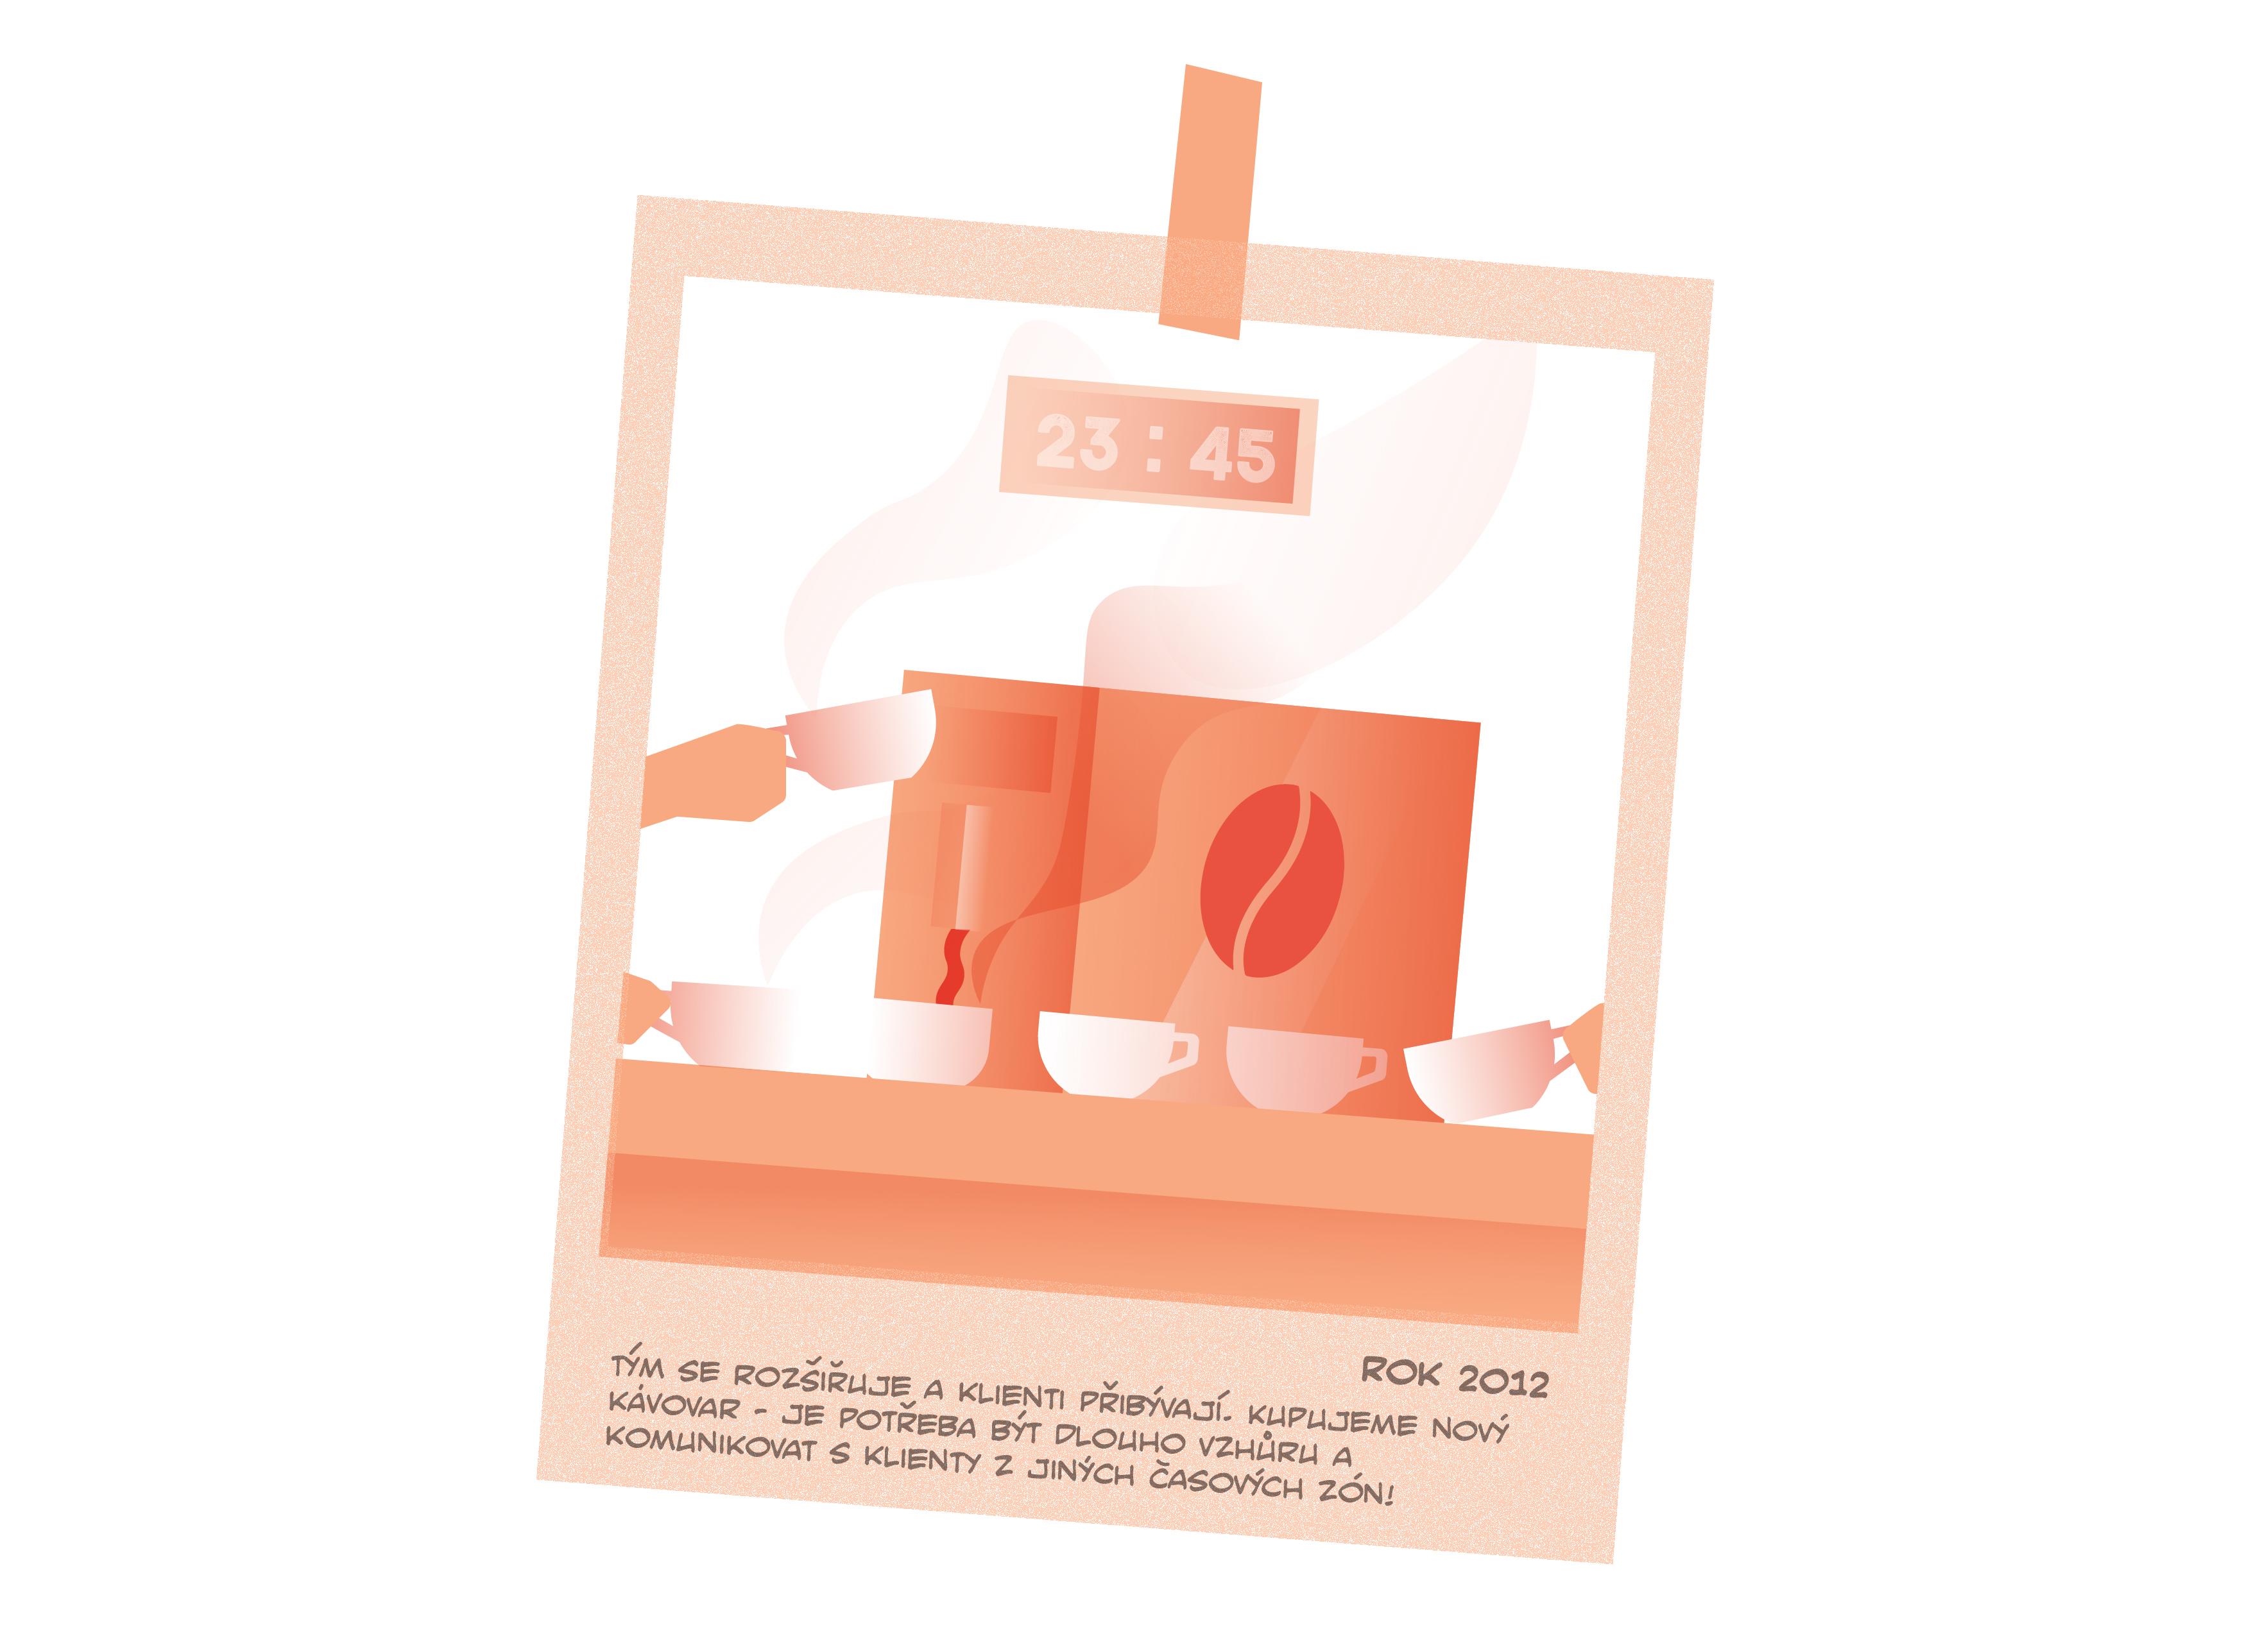 eWay-CRM 2012